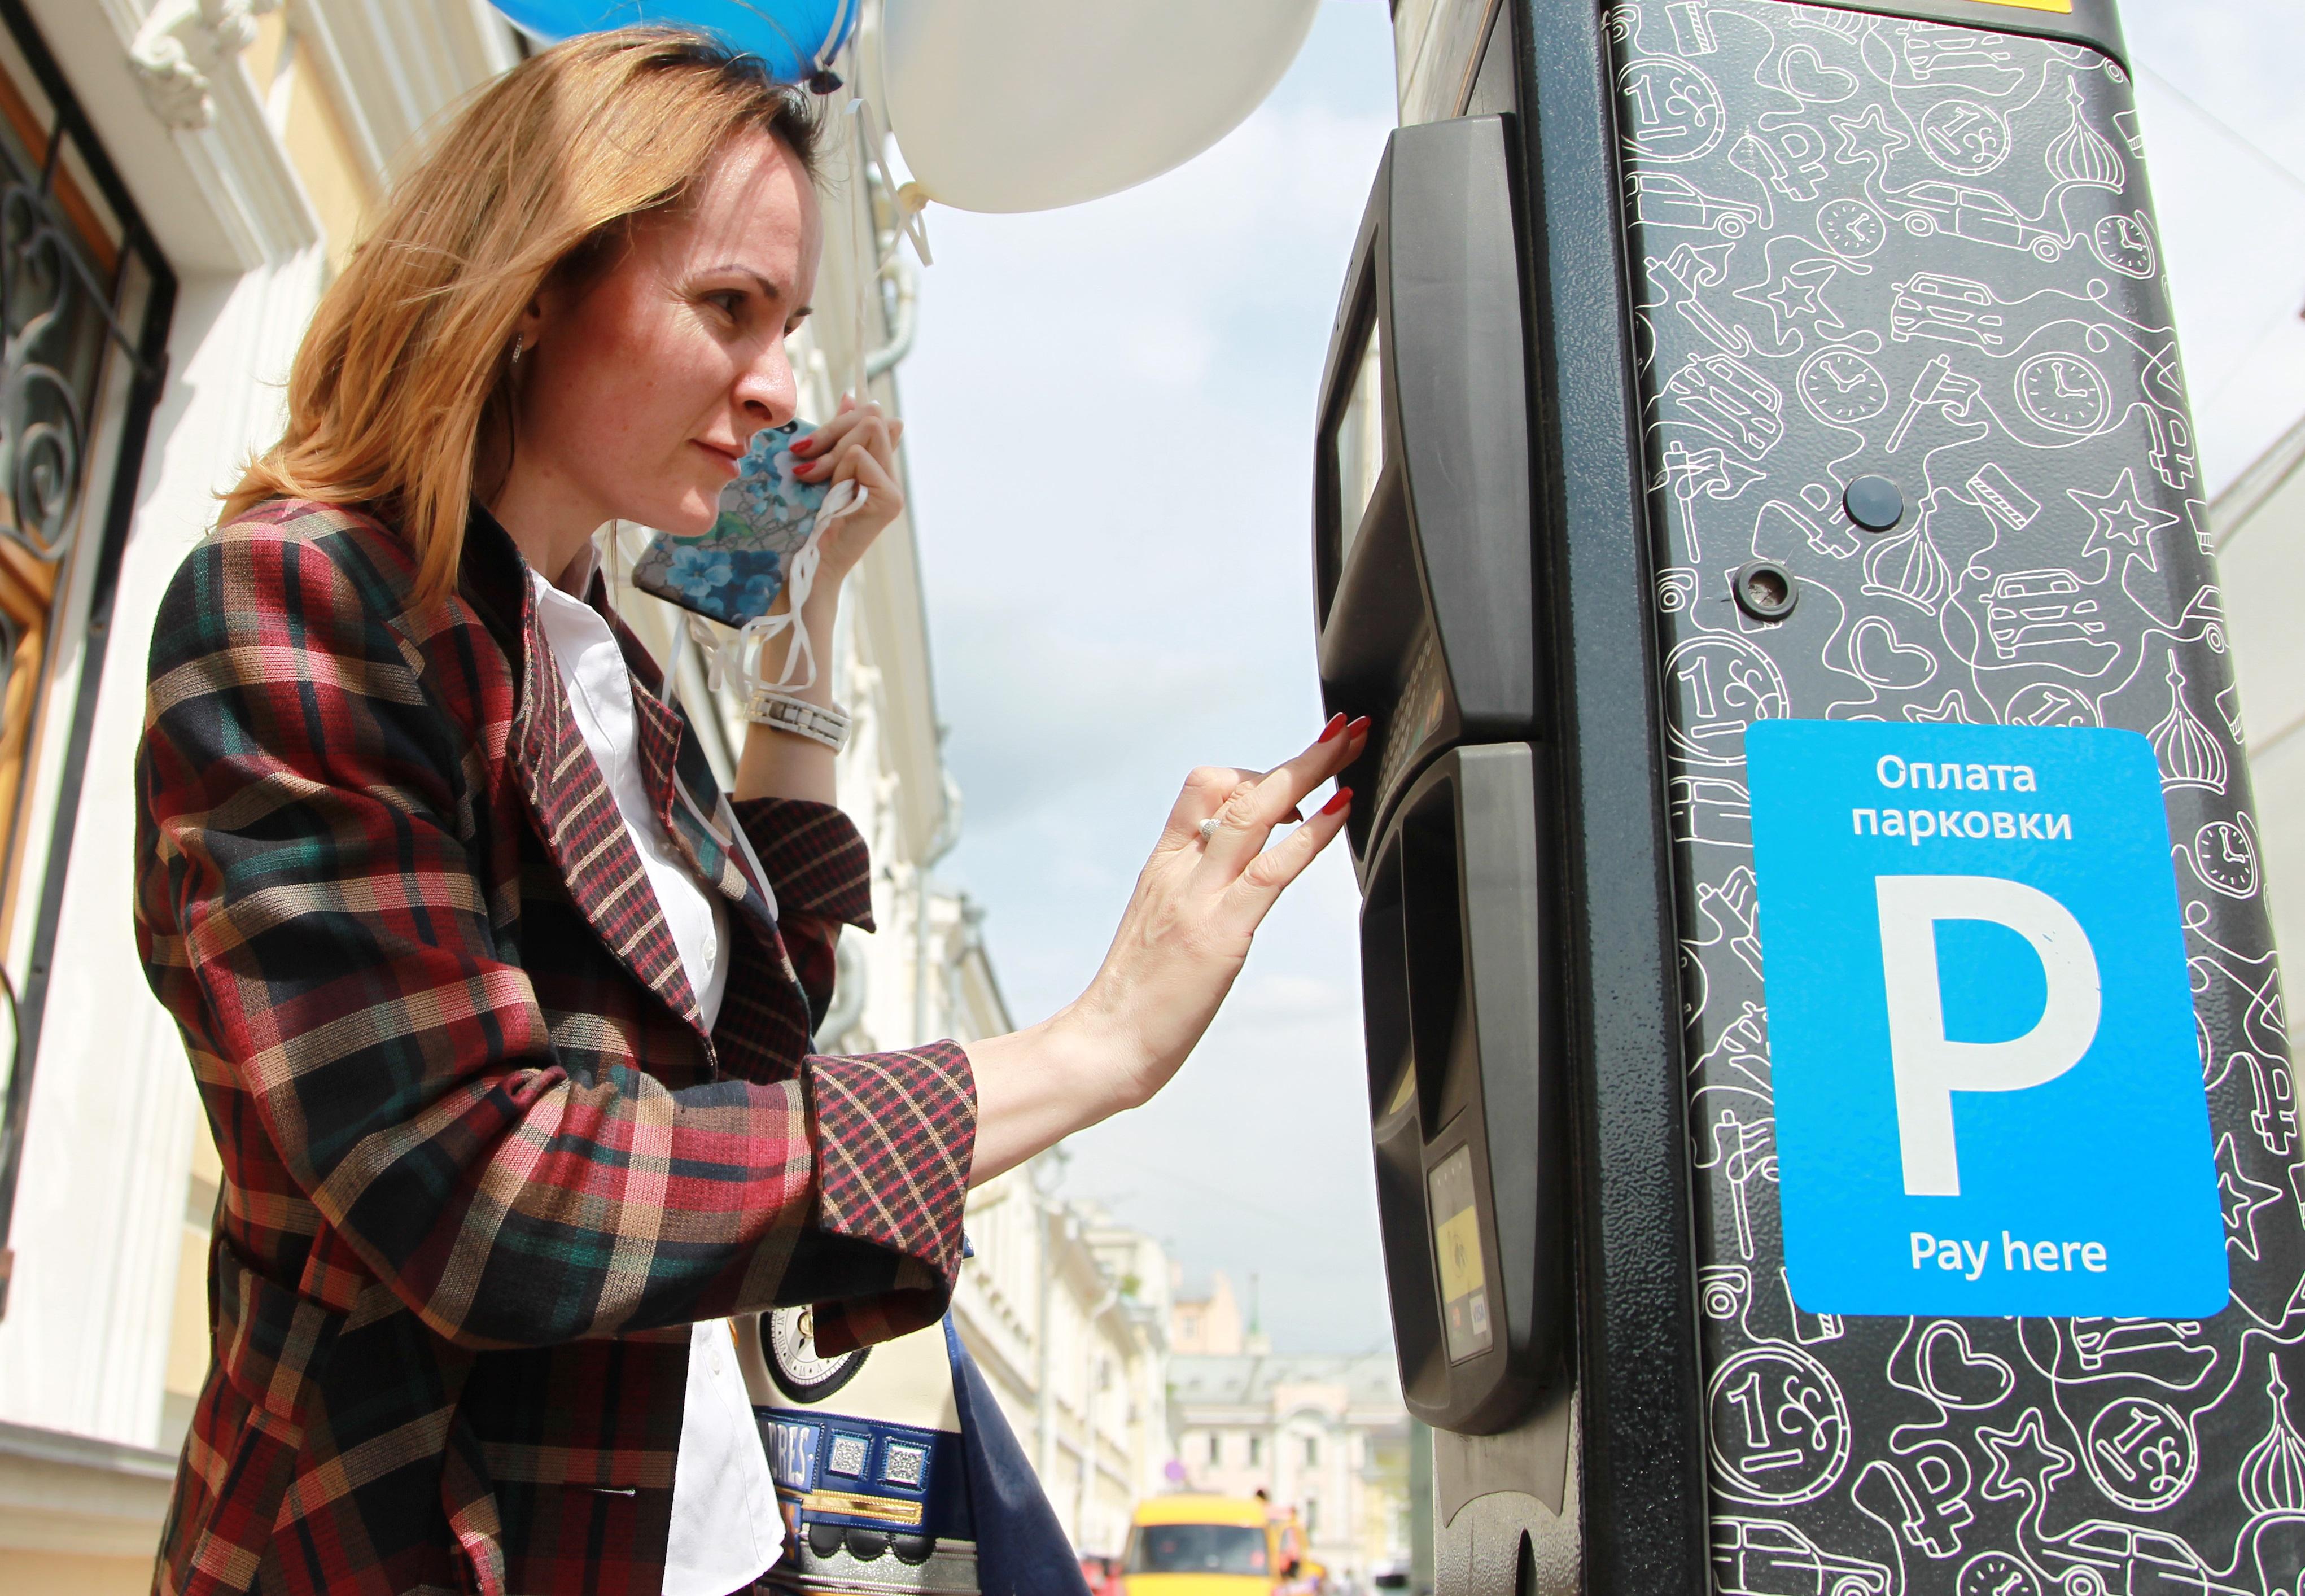 Москвичи стали чаще пользоваться бесконтактным способом оплаты парковок со шлагбаумом